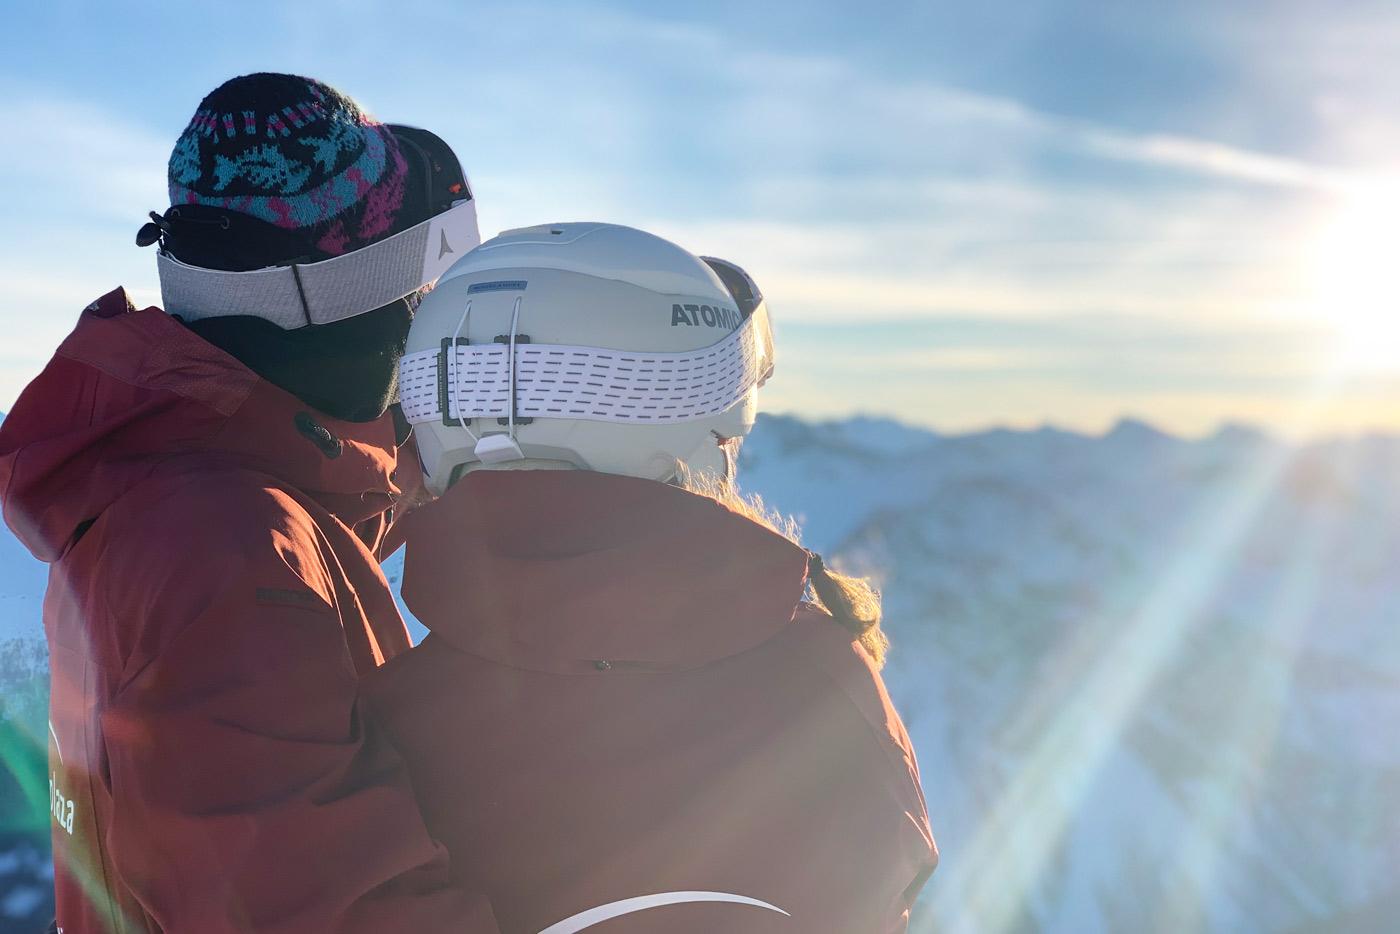 Romantisch van het uitzicht genieten